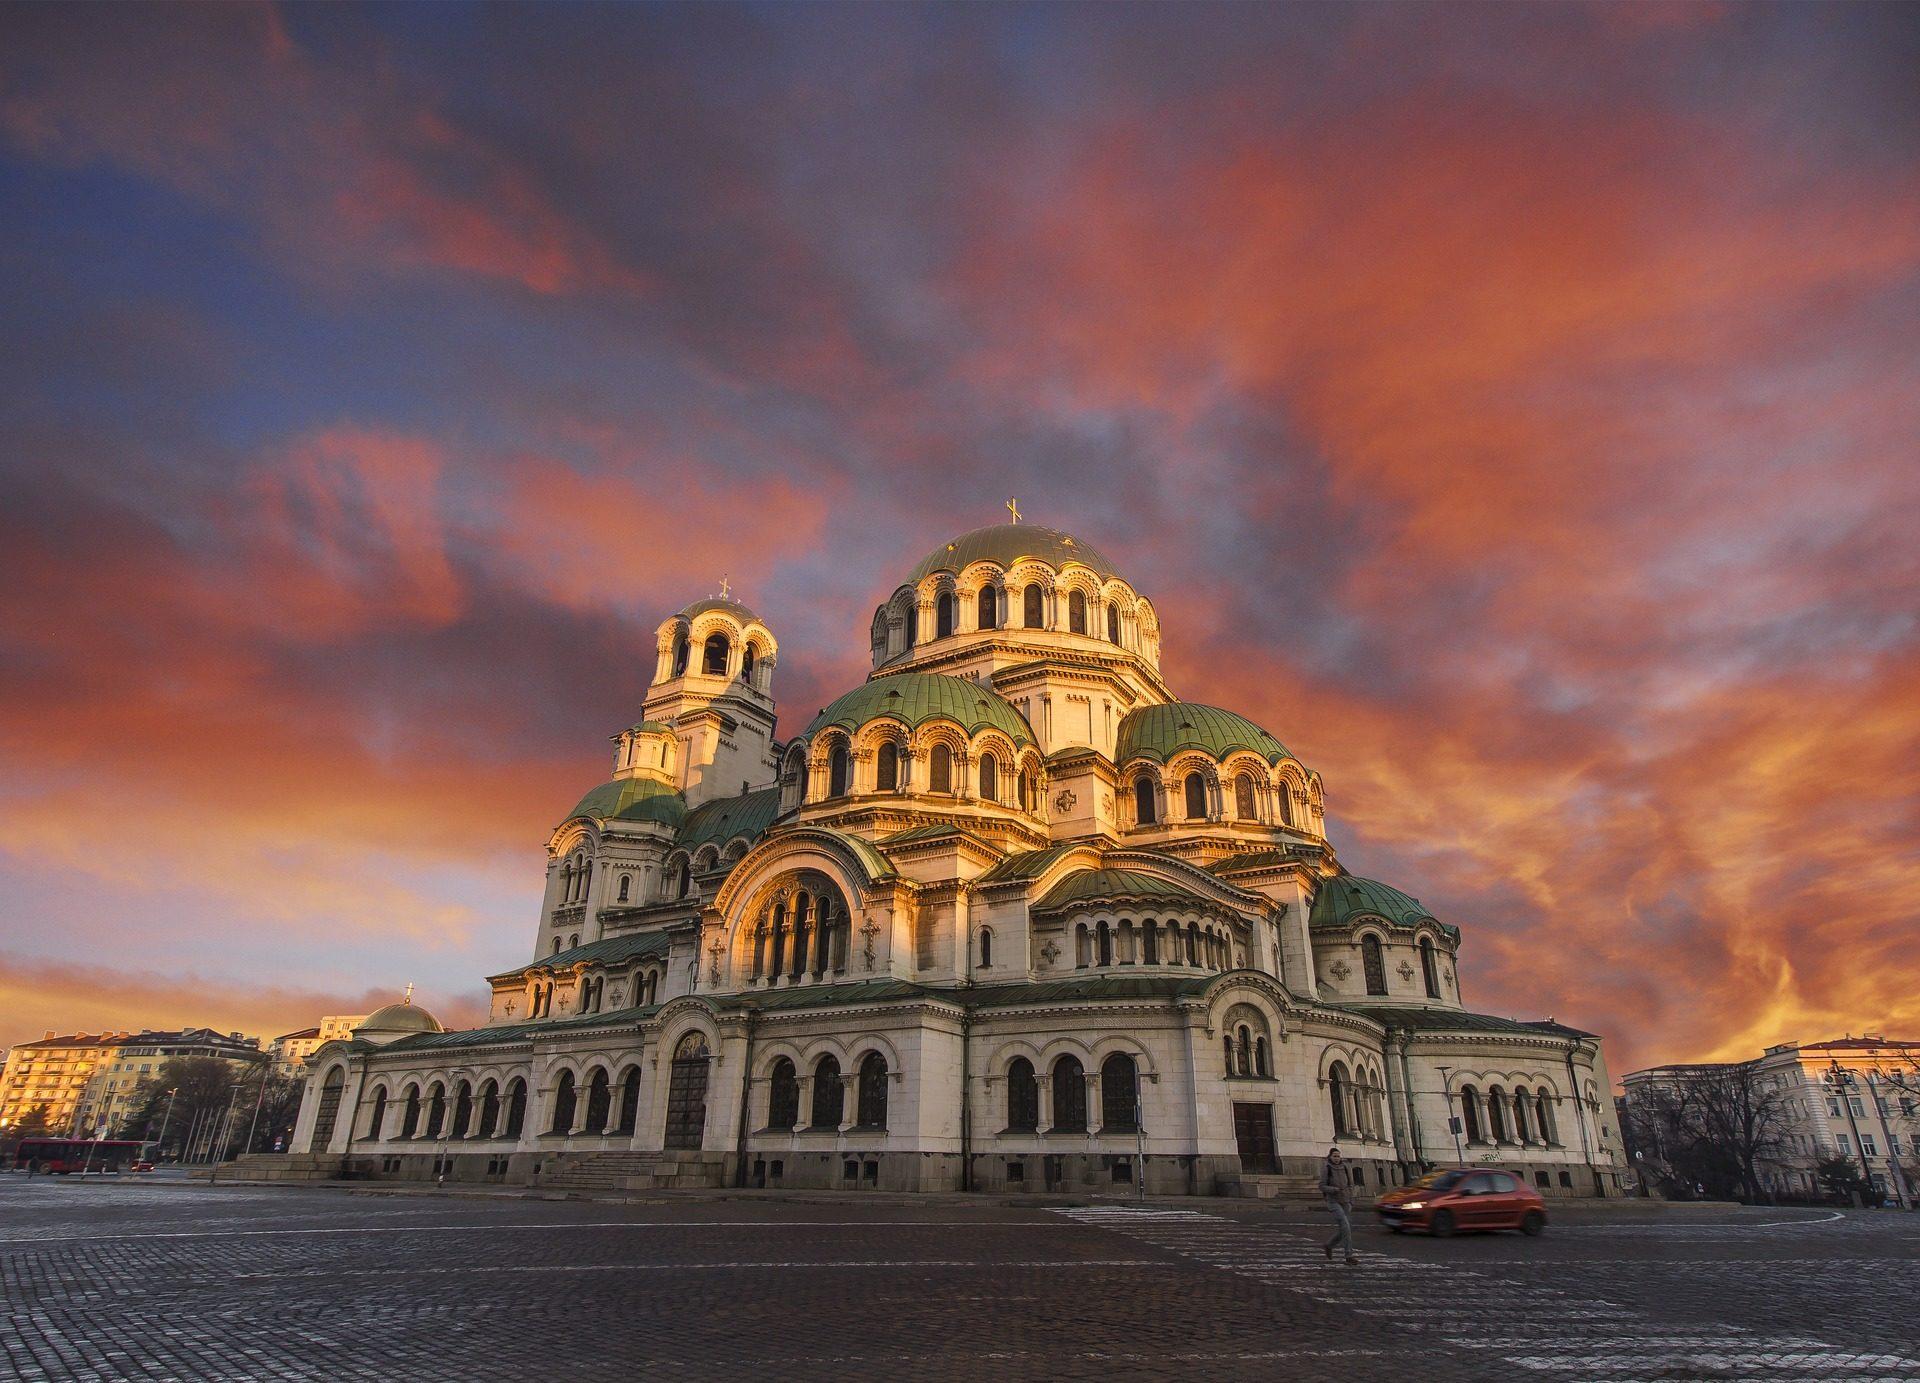 Кафедральный собор, Церковь, Рассвет, свет, стиль, Небо, облака - Обои HD - Профессор falken.com